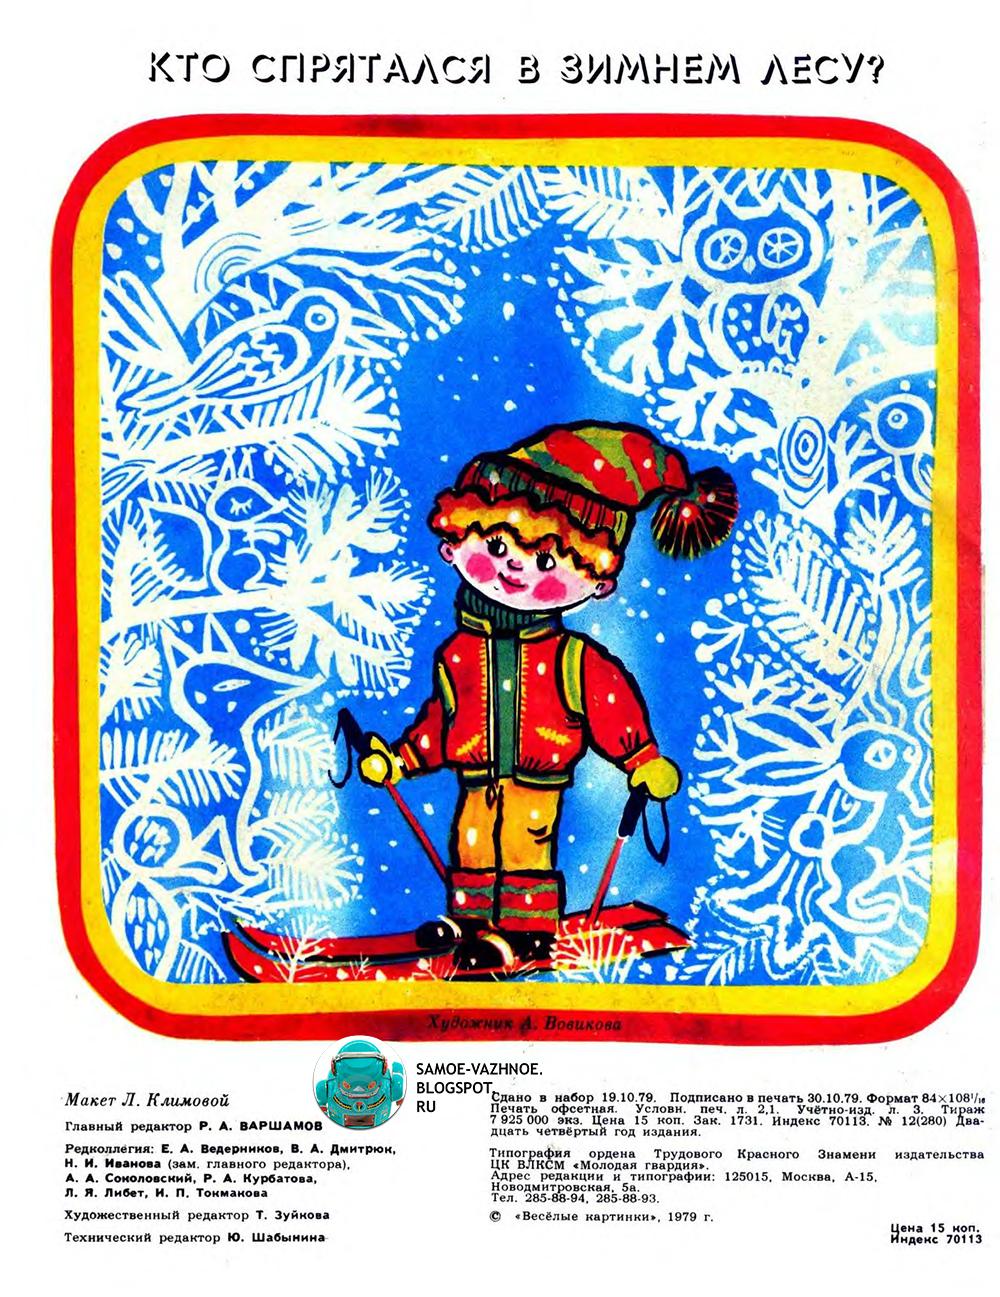 Журнал Весёлые картинки 12 1979 кто спрятался в зимнем лесу мальчик звери